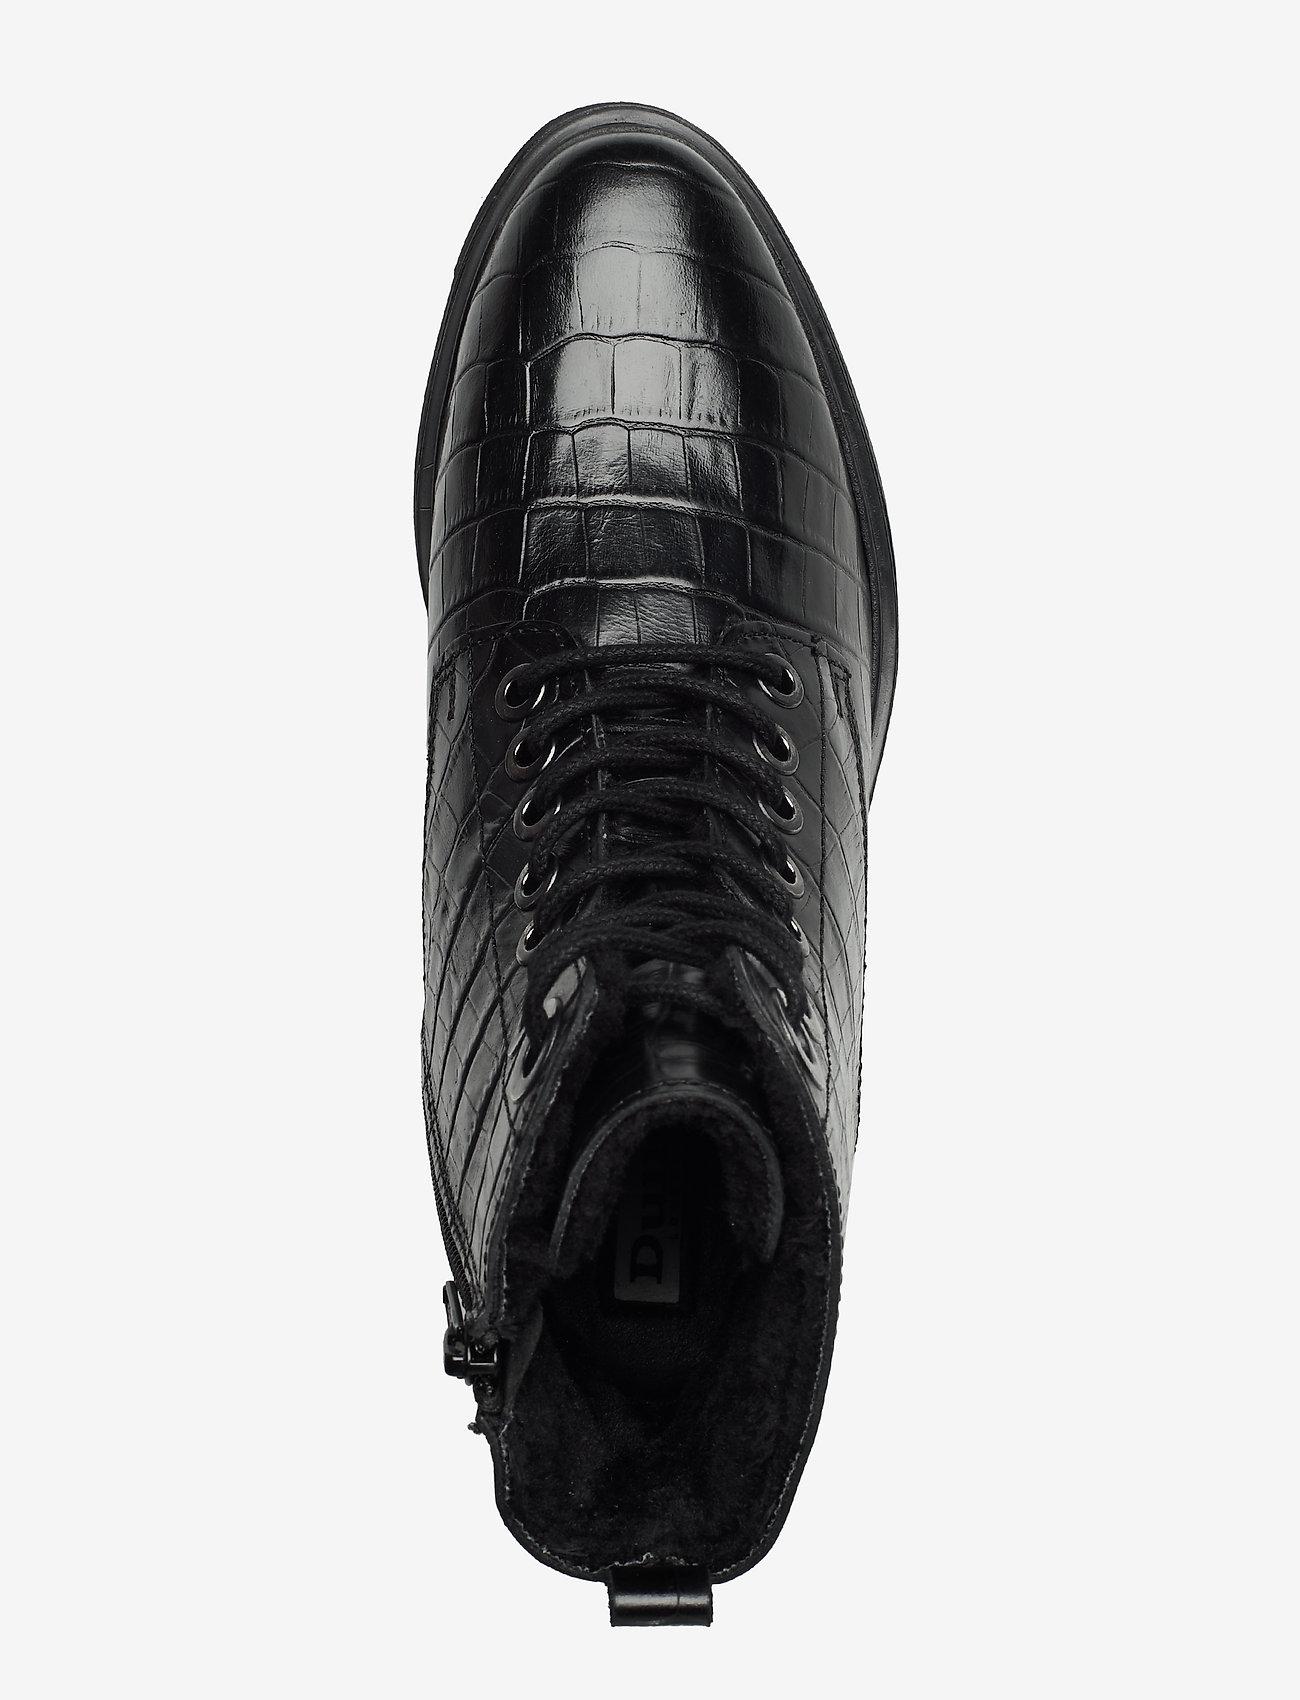 Parkland (Black-croc_print_leather) - Dune London